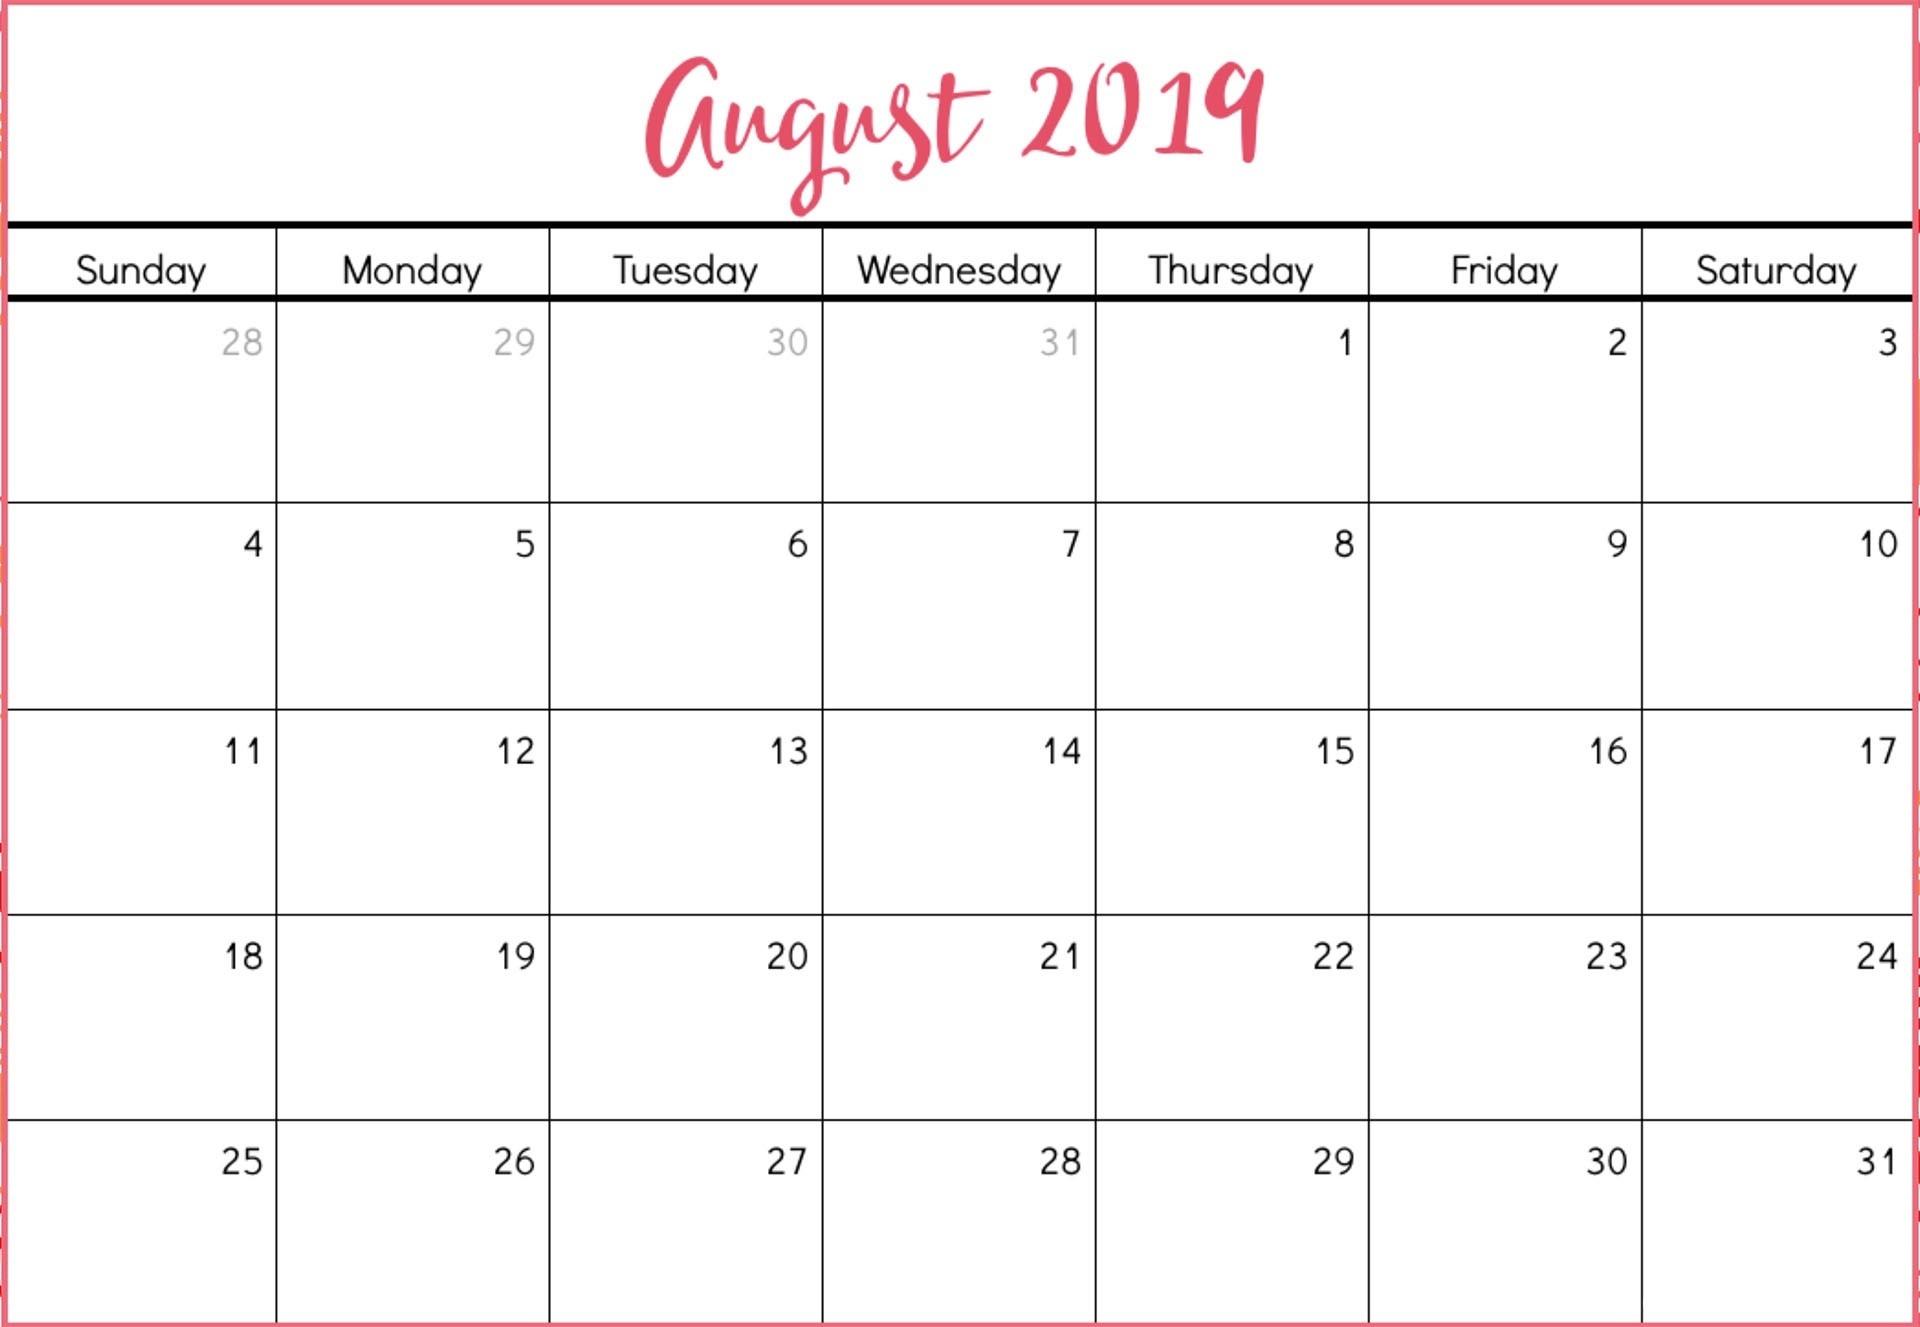 August 2019 Calendar Template Time Scheduler - Free-Free Calendar Template Printable 201